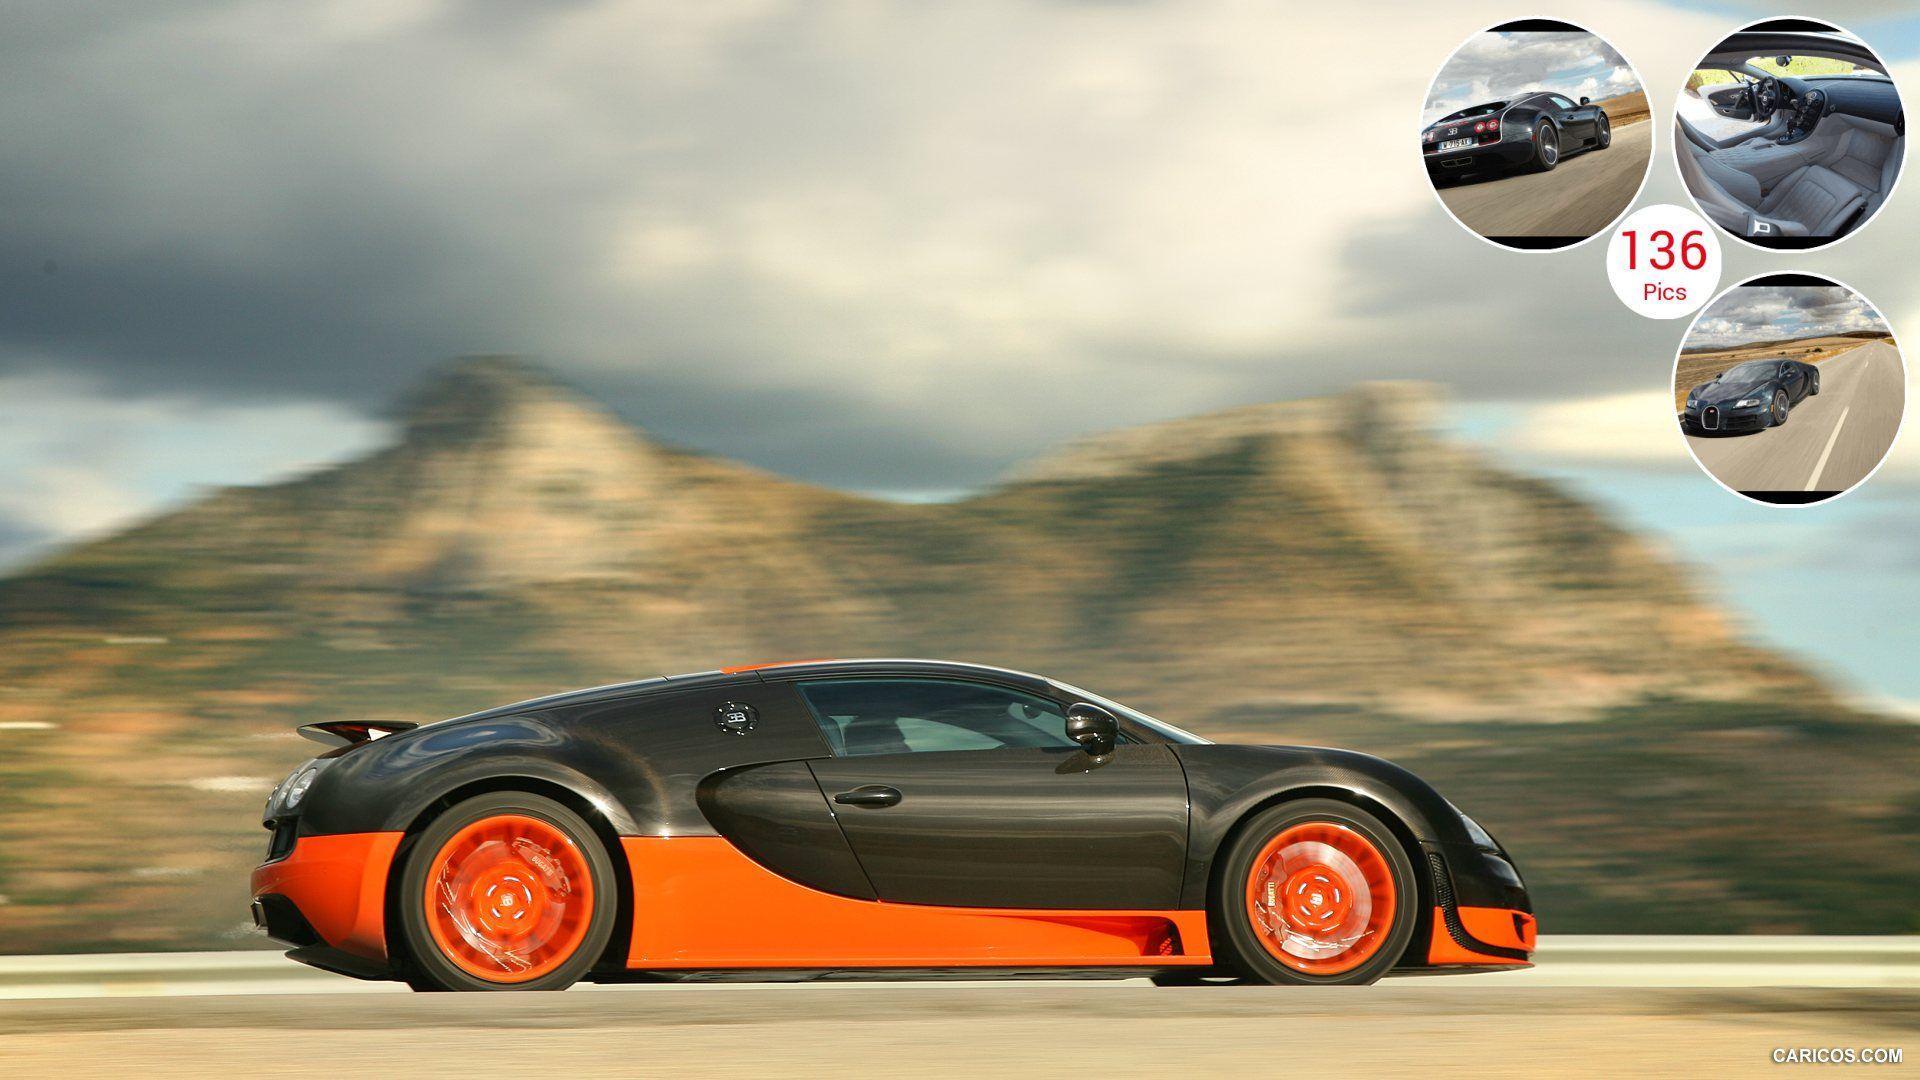 Bugatti Veyron Super Sport Full Hd Wallpaper: Black Bugatti Veyron HD Wallpapers